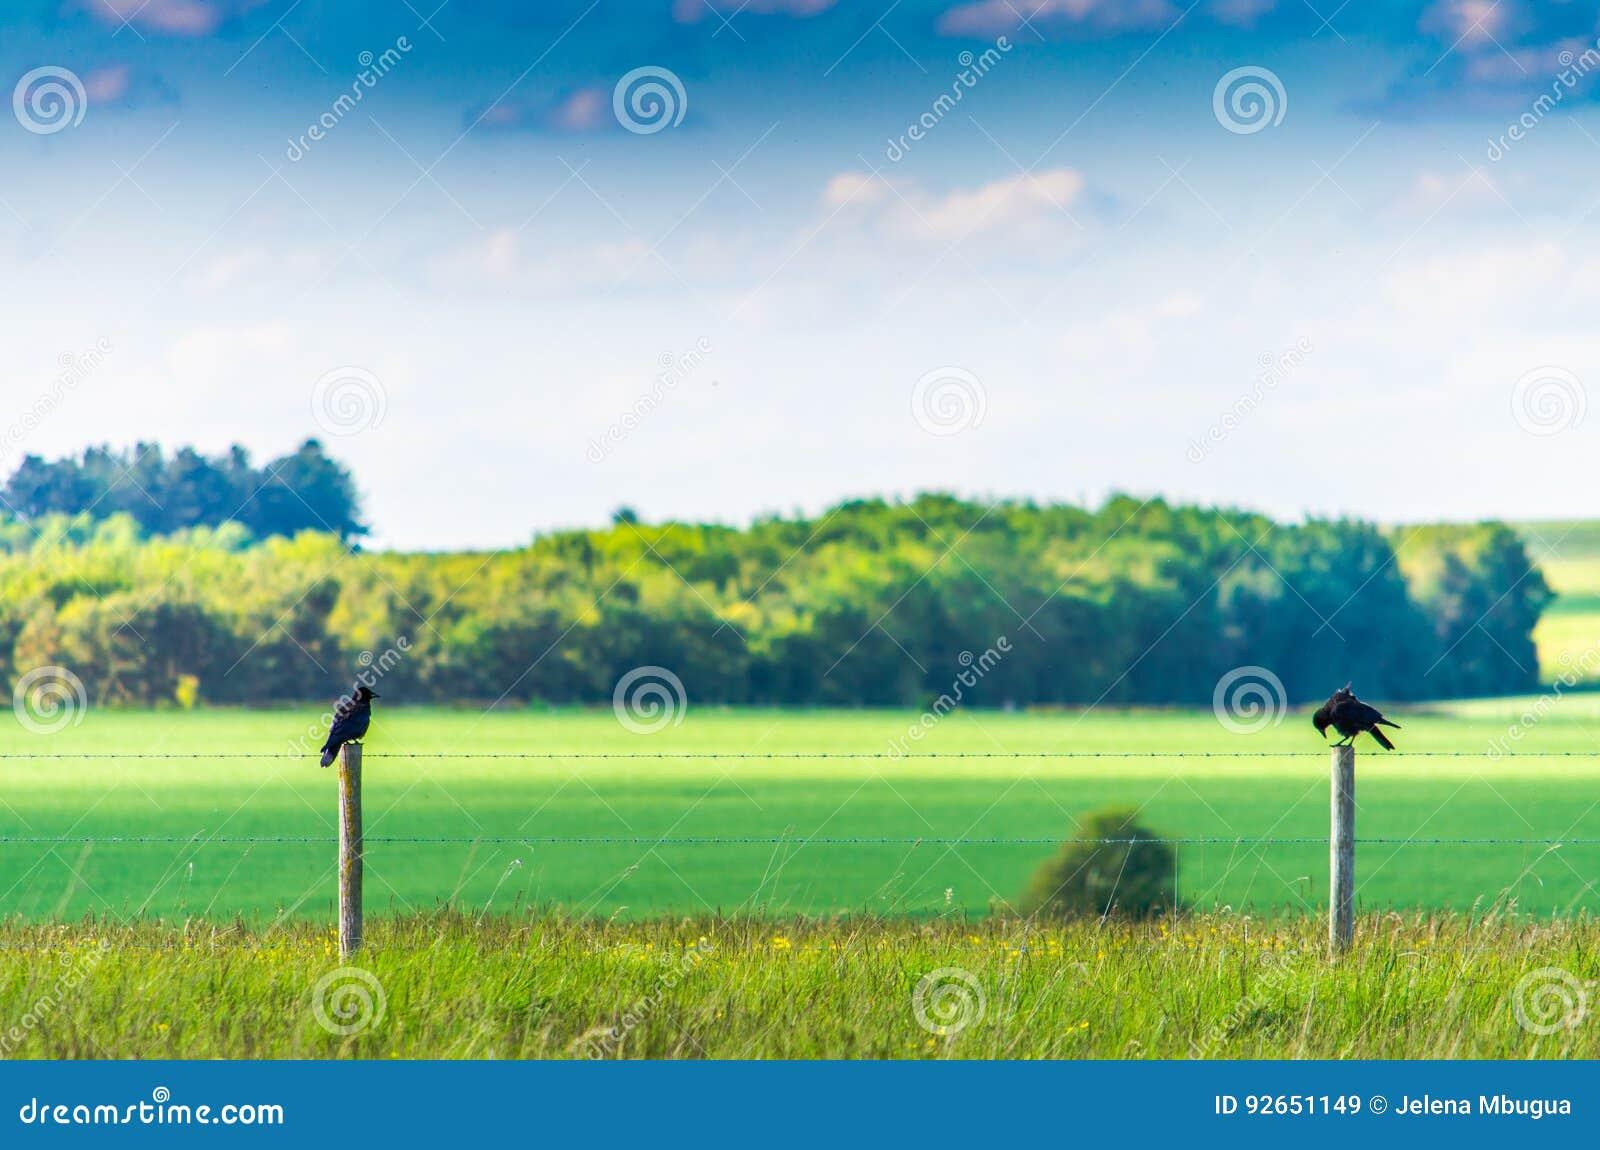 Corneilles étées perché sur une barrière en bois